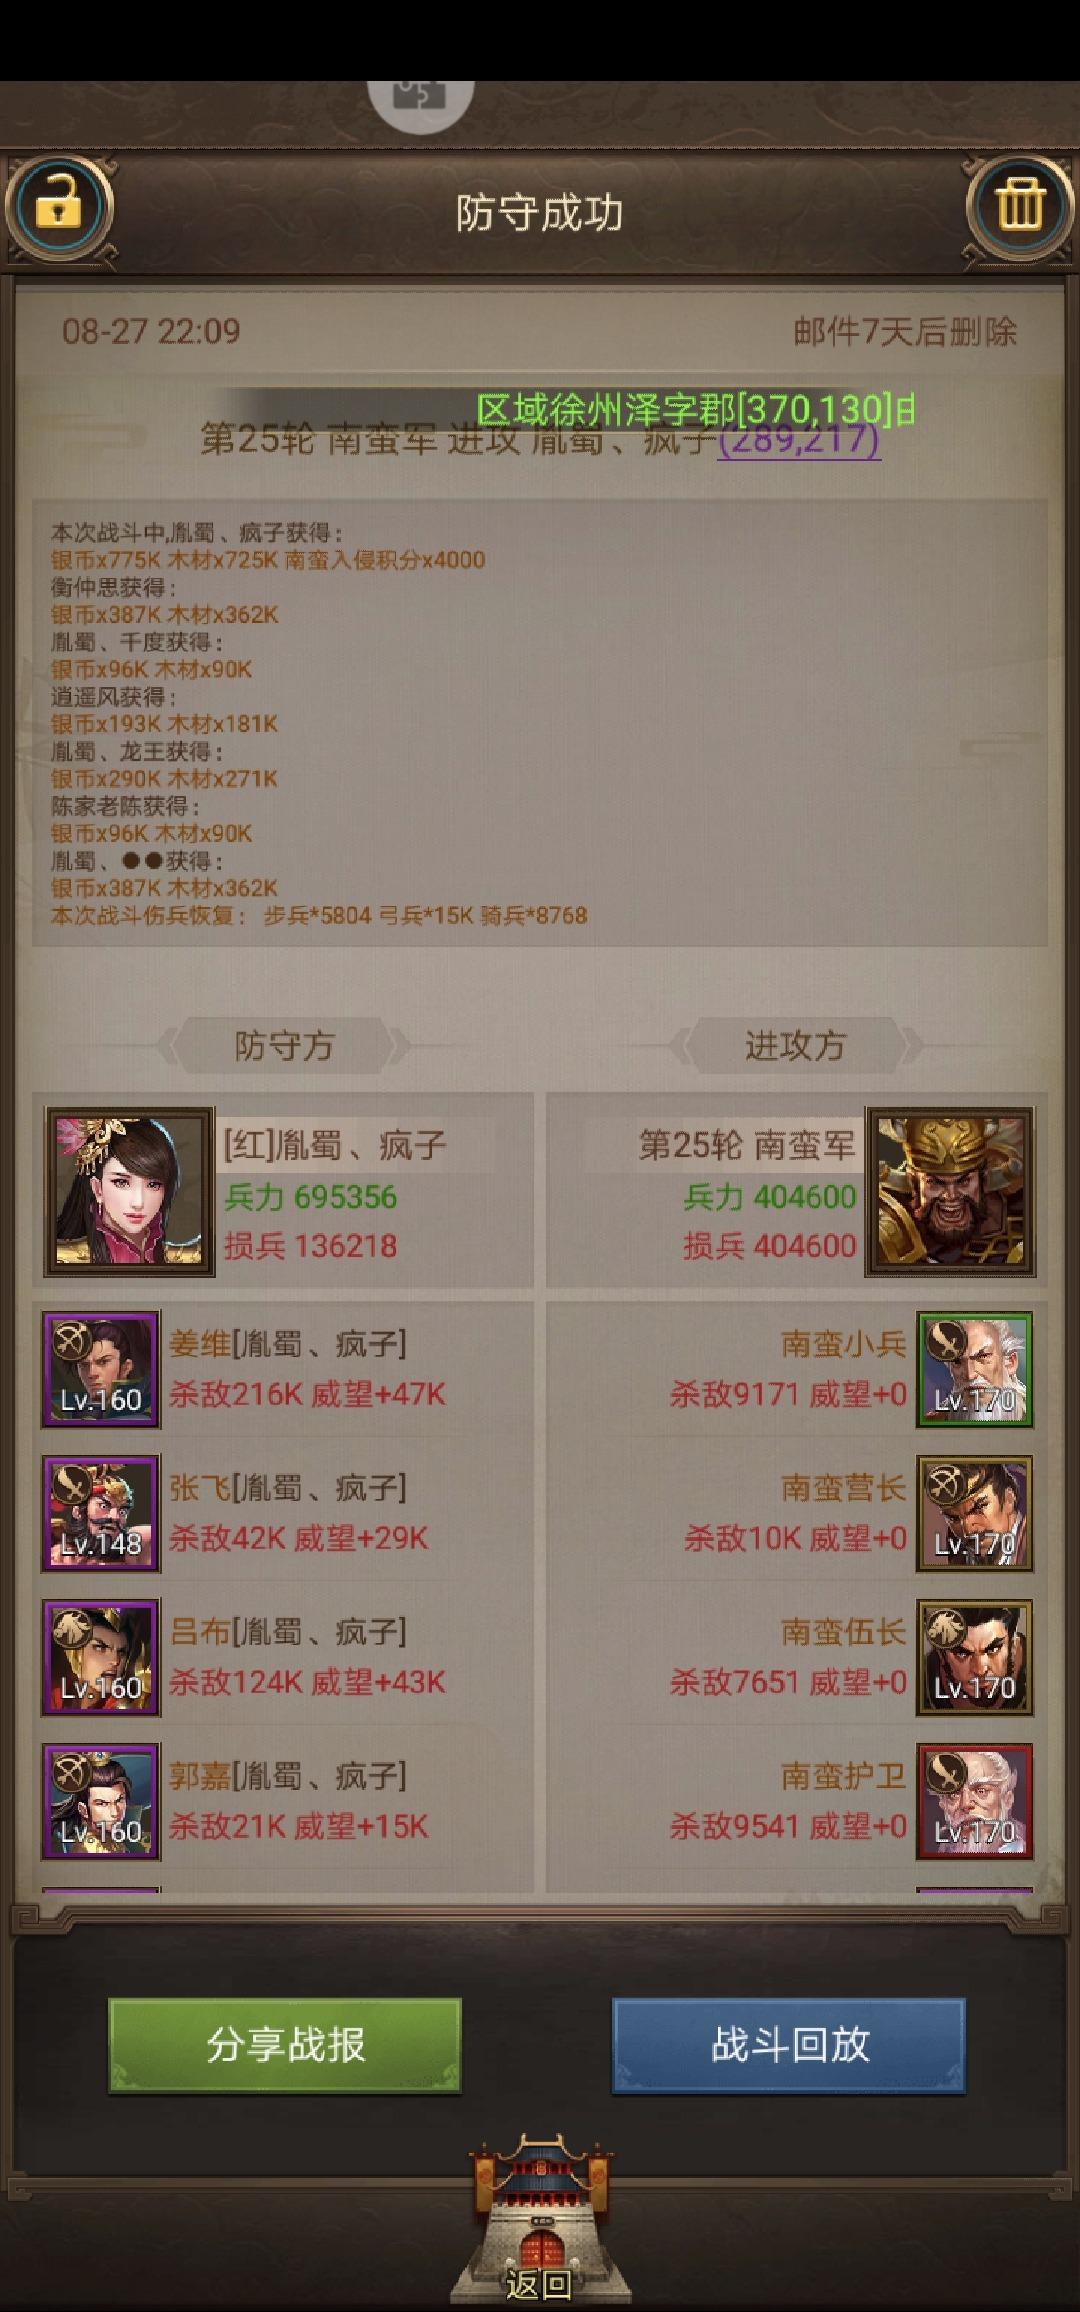 Screenshot_20200827_221258_juedi.tatuyin.rxsg.huawei.jpg